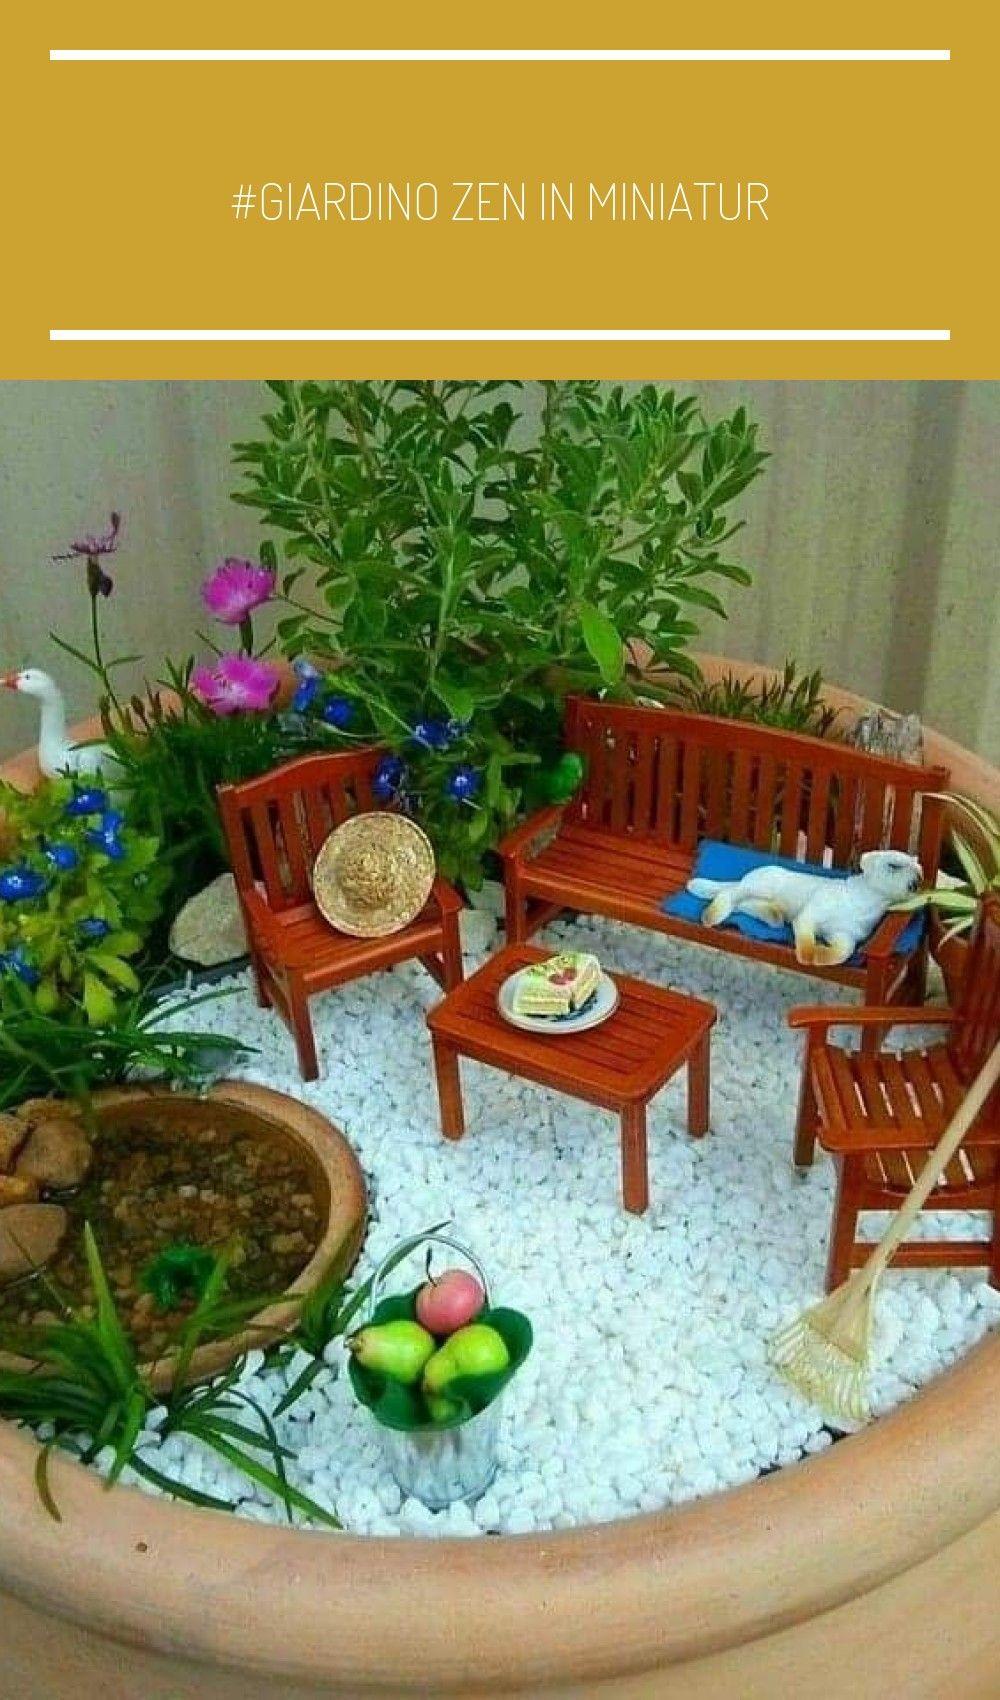 Fai Da Te Giardino Zen giardino zen in miniatur in 2020 (with images) | crochet